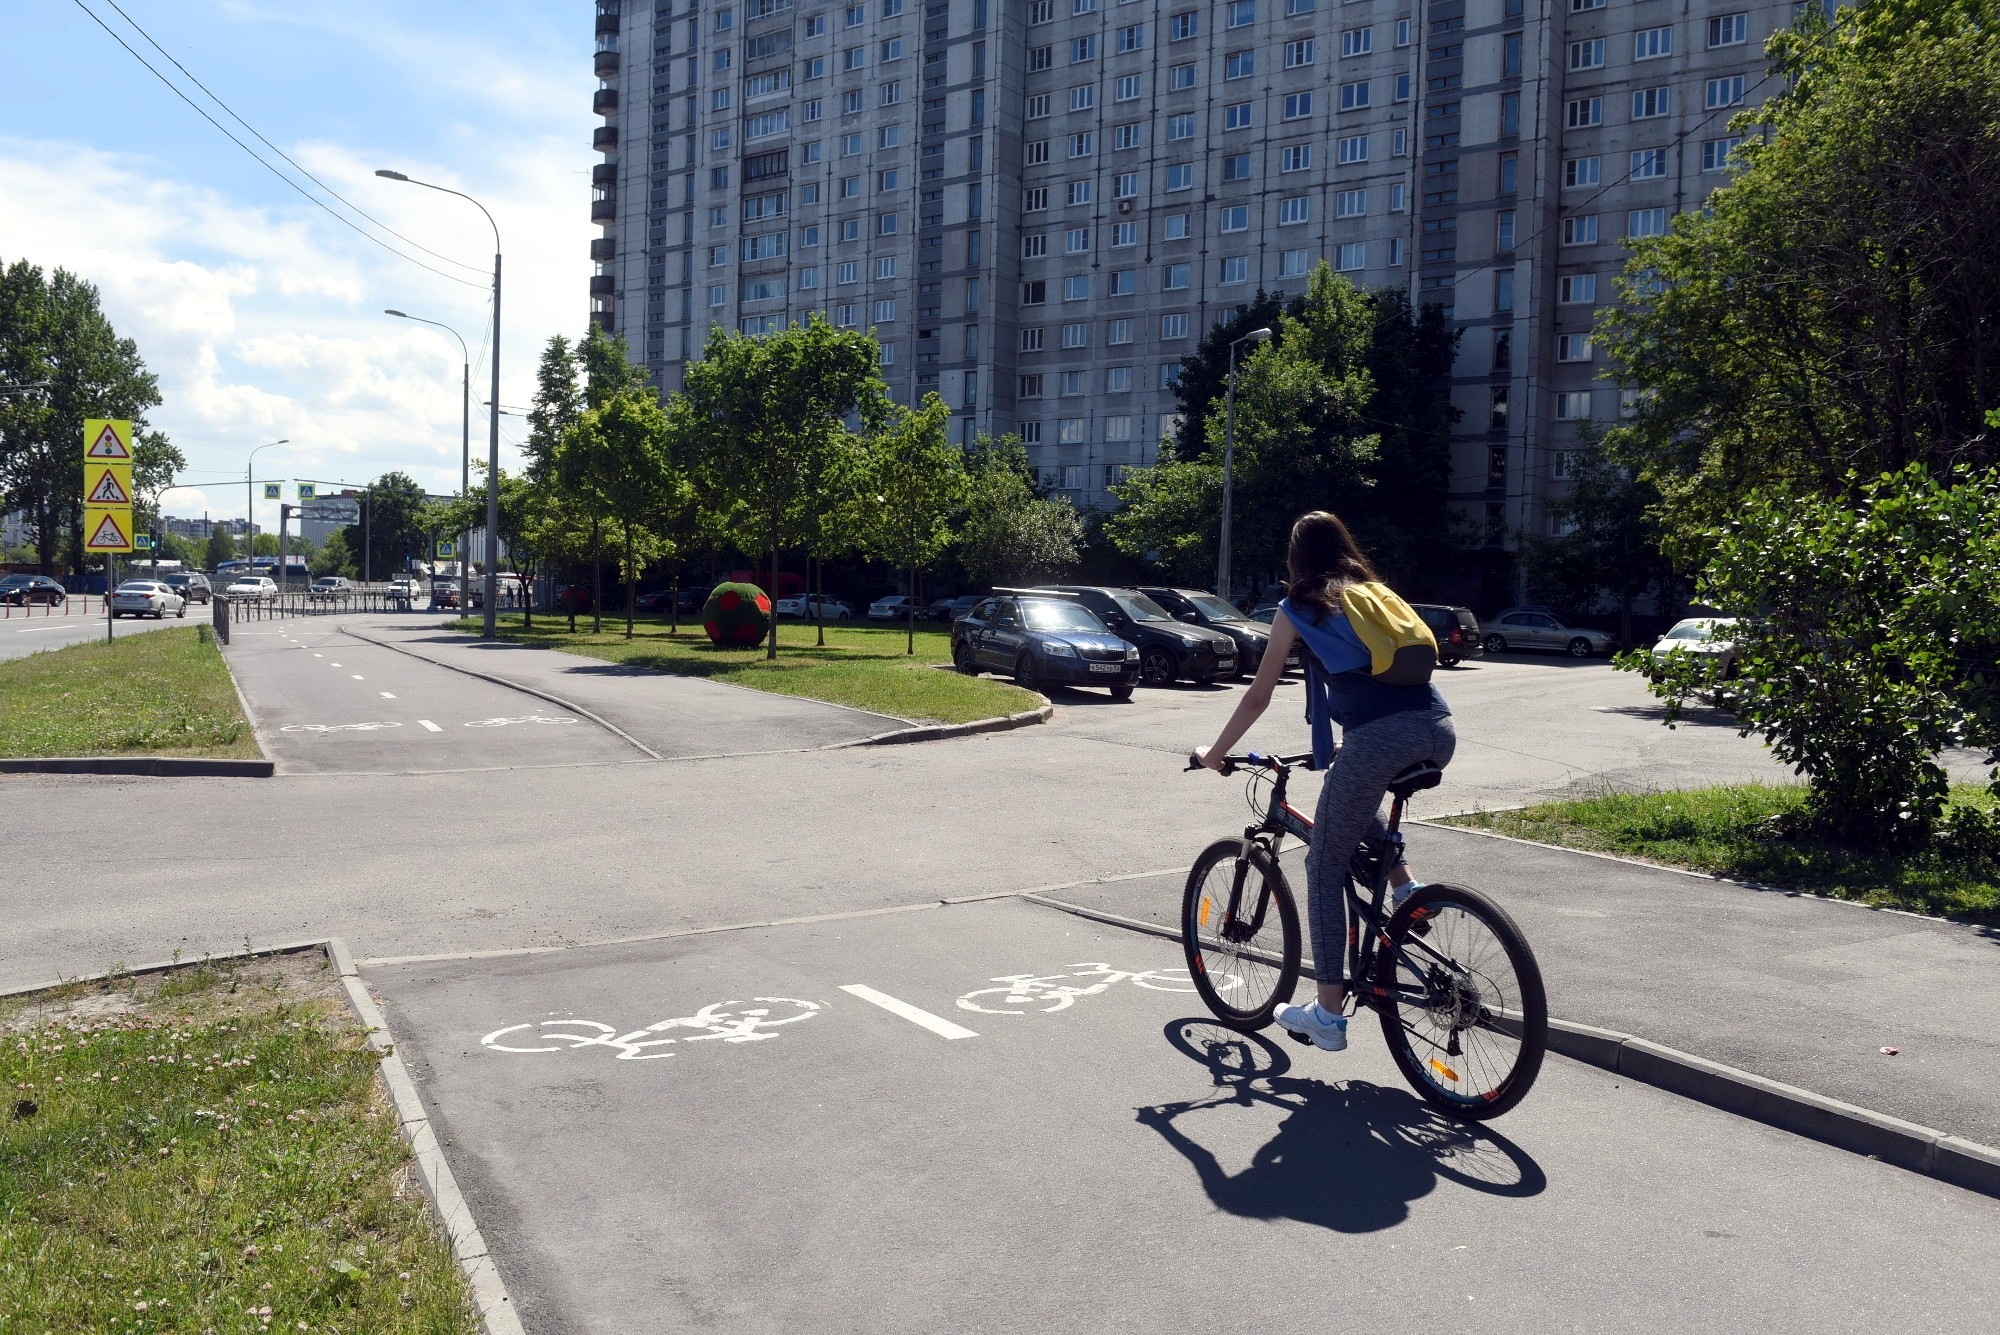 велодорожка велосипедист Морская набережная